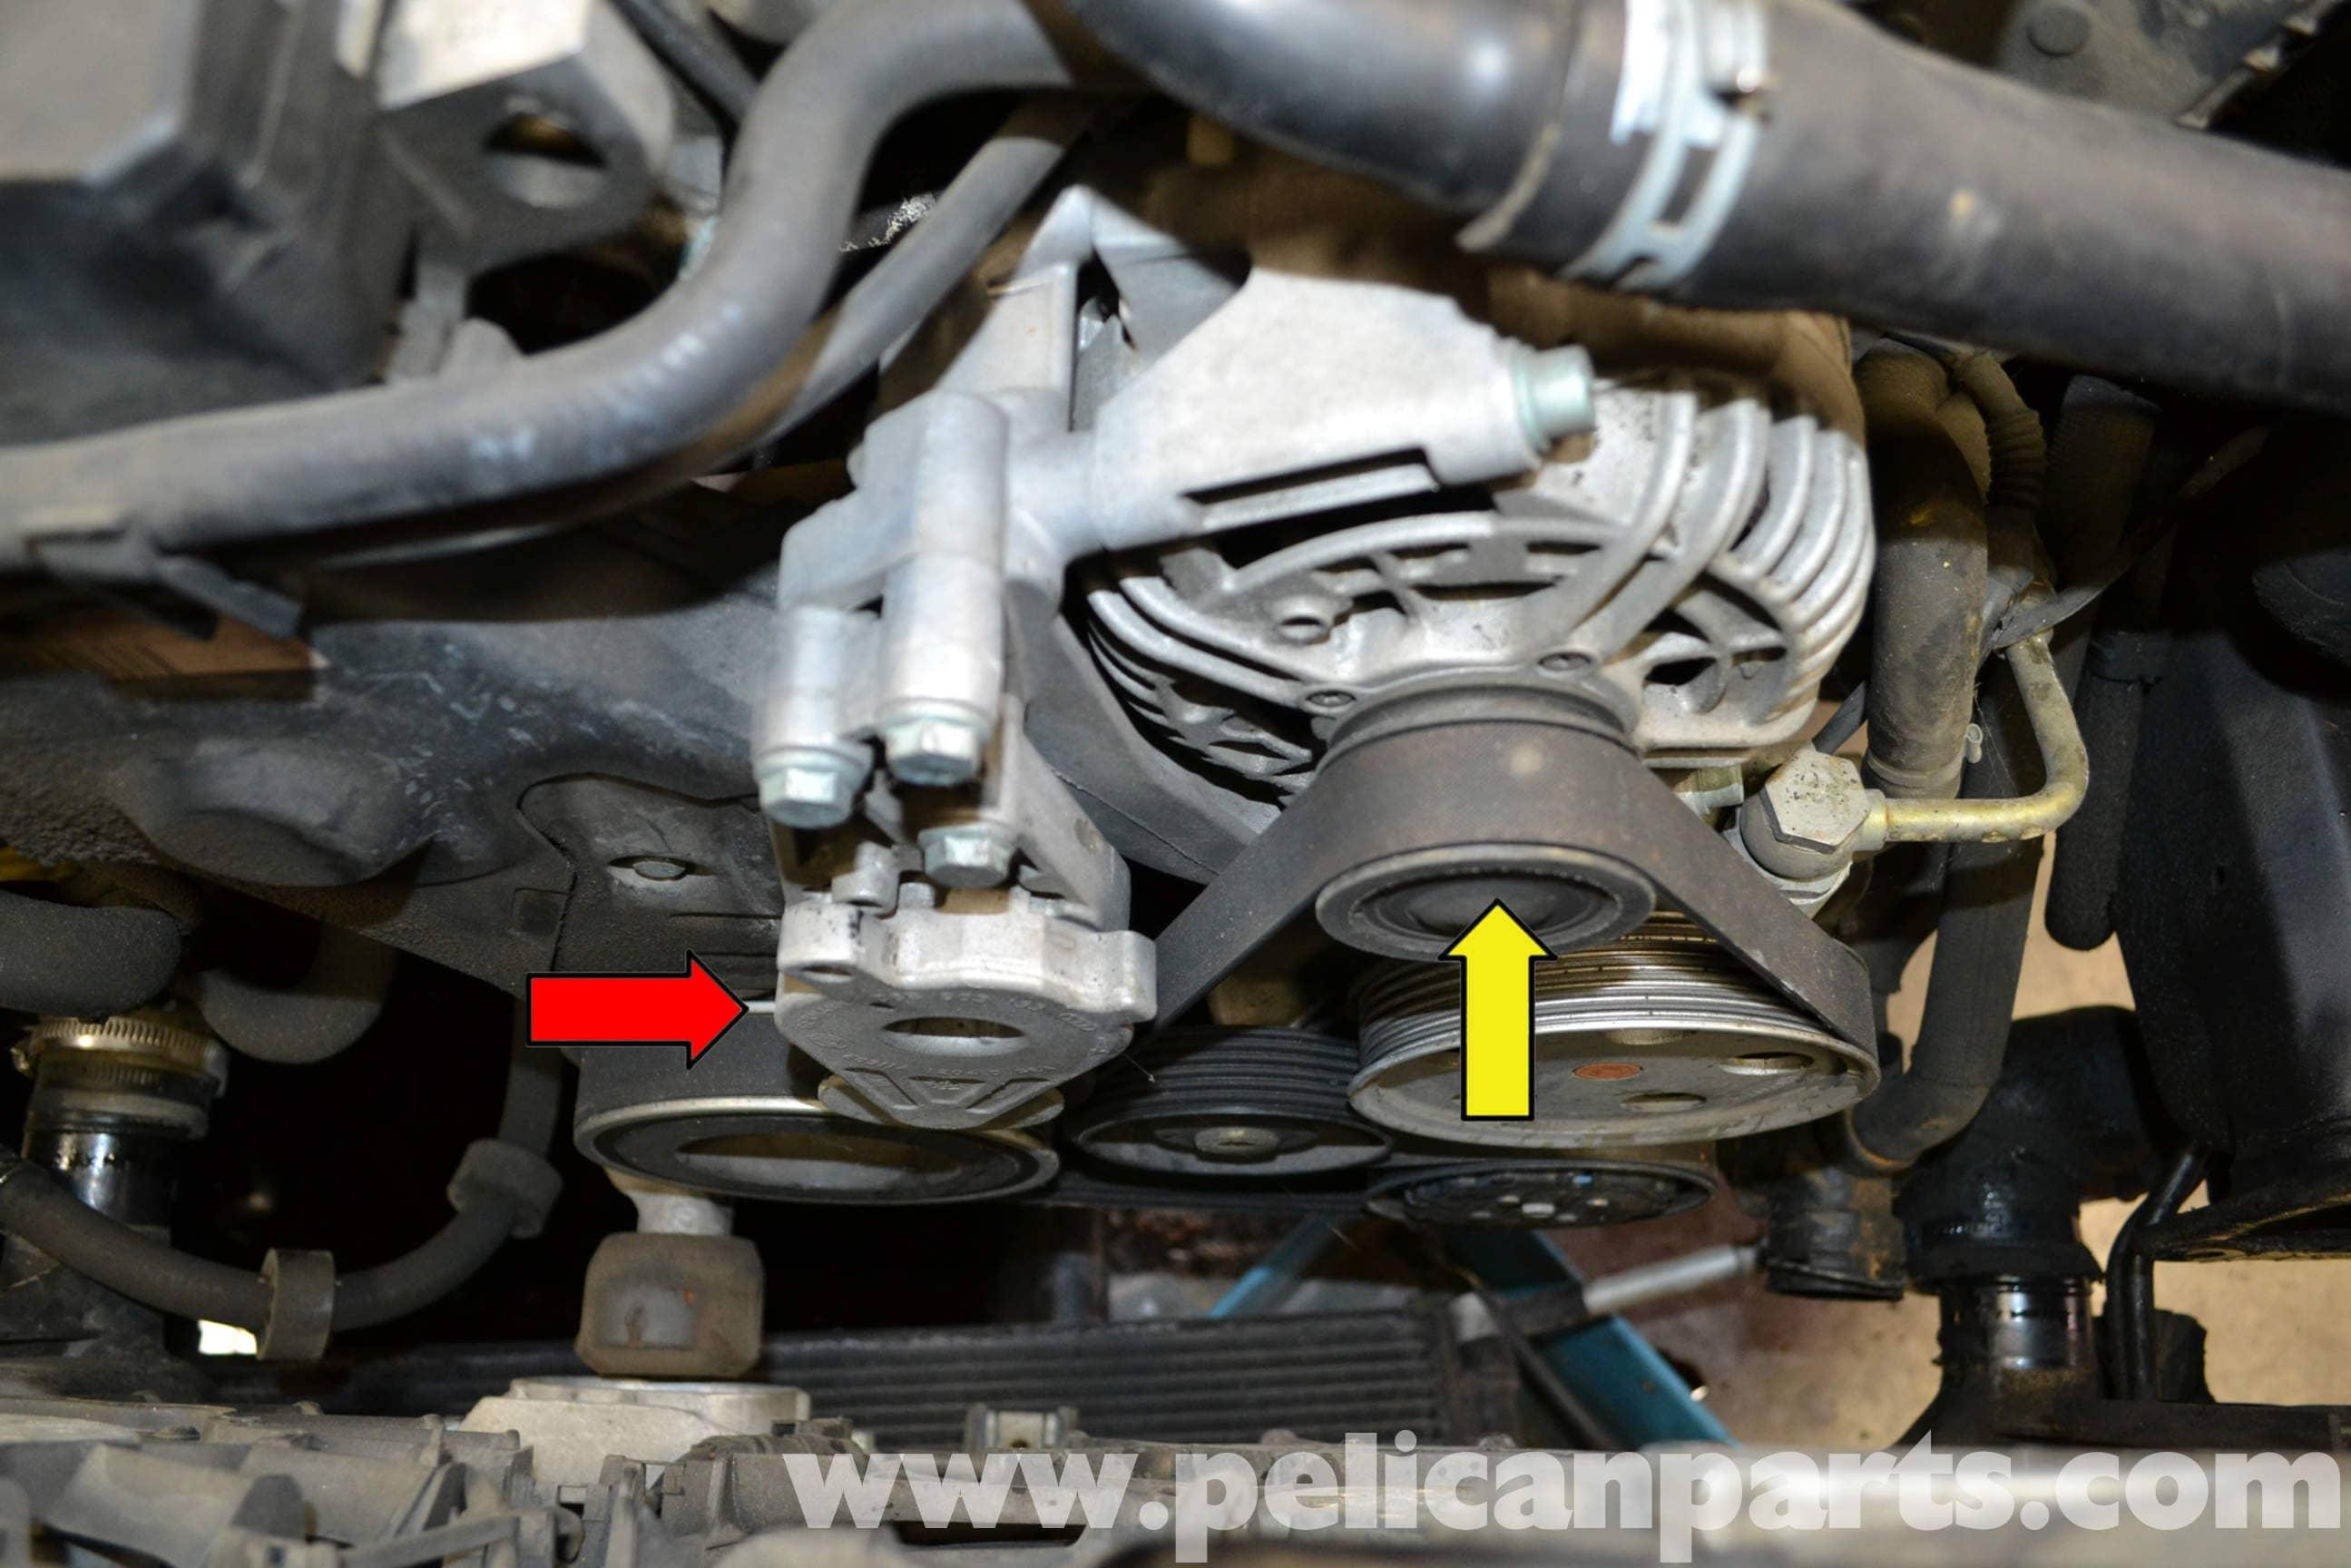 audi a4 b6 accessory belt tensioner replacement 2002 2008 rh pelicanparts com 2007 Audi A4 Engine Diagram 2007 Audi A4 S-Line